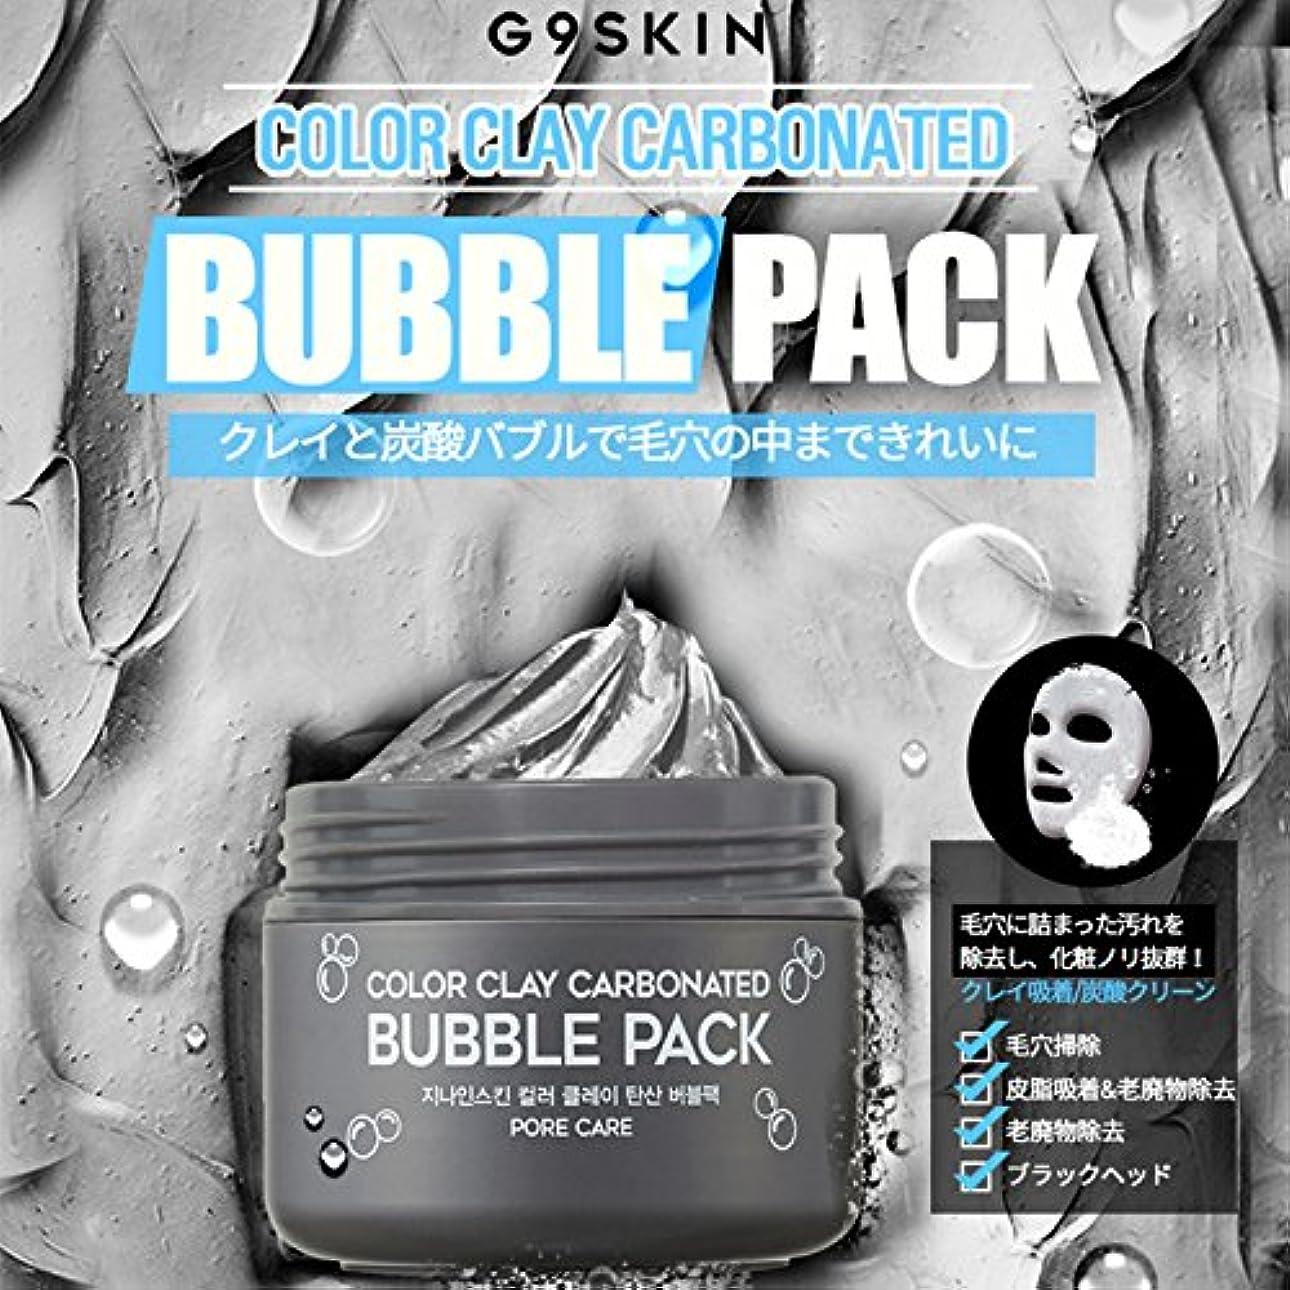 日記透ける歩行者[G9SKIN/G9スキン] Color Clay Carbonated Bubble Pack / カラークレイ炭酸バブルパック | 100ml 炭酸 バブル 韓国コスメ Skingarden/スキンガーデン